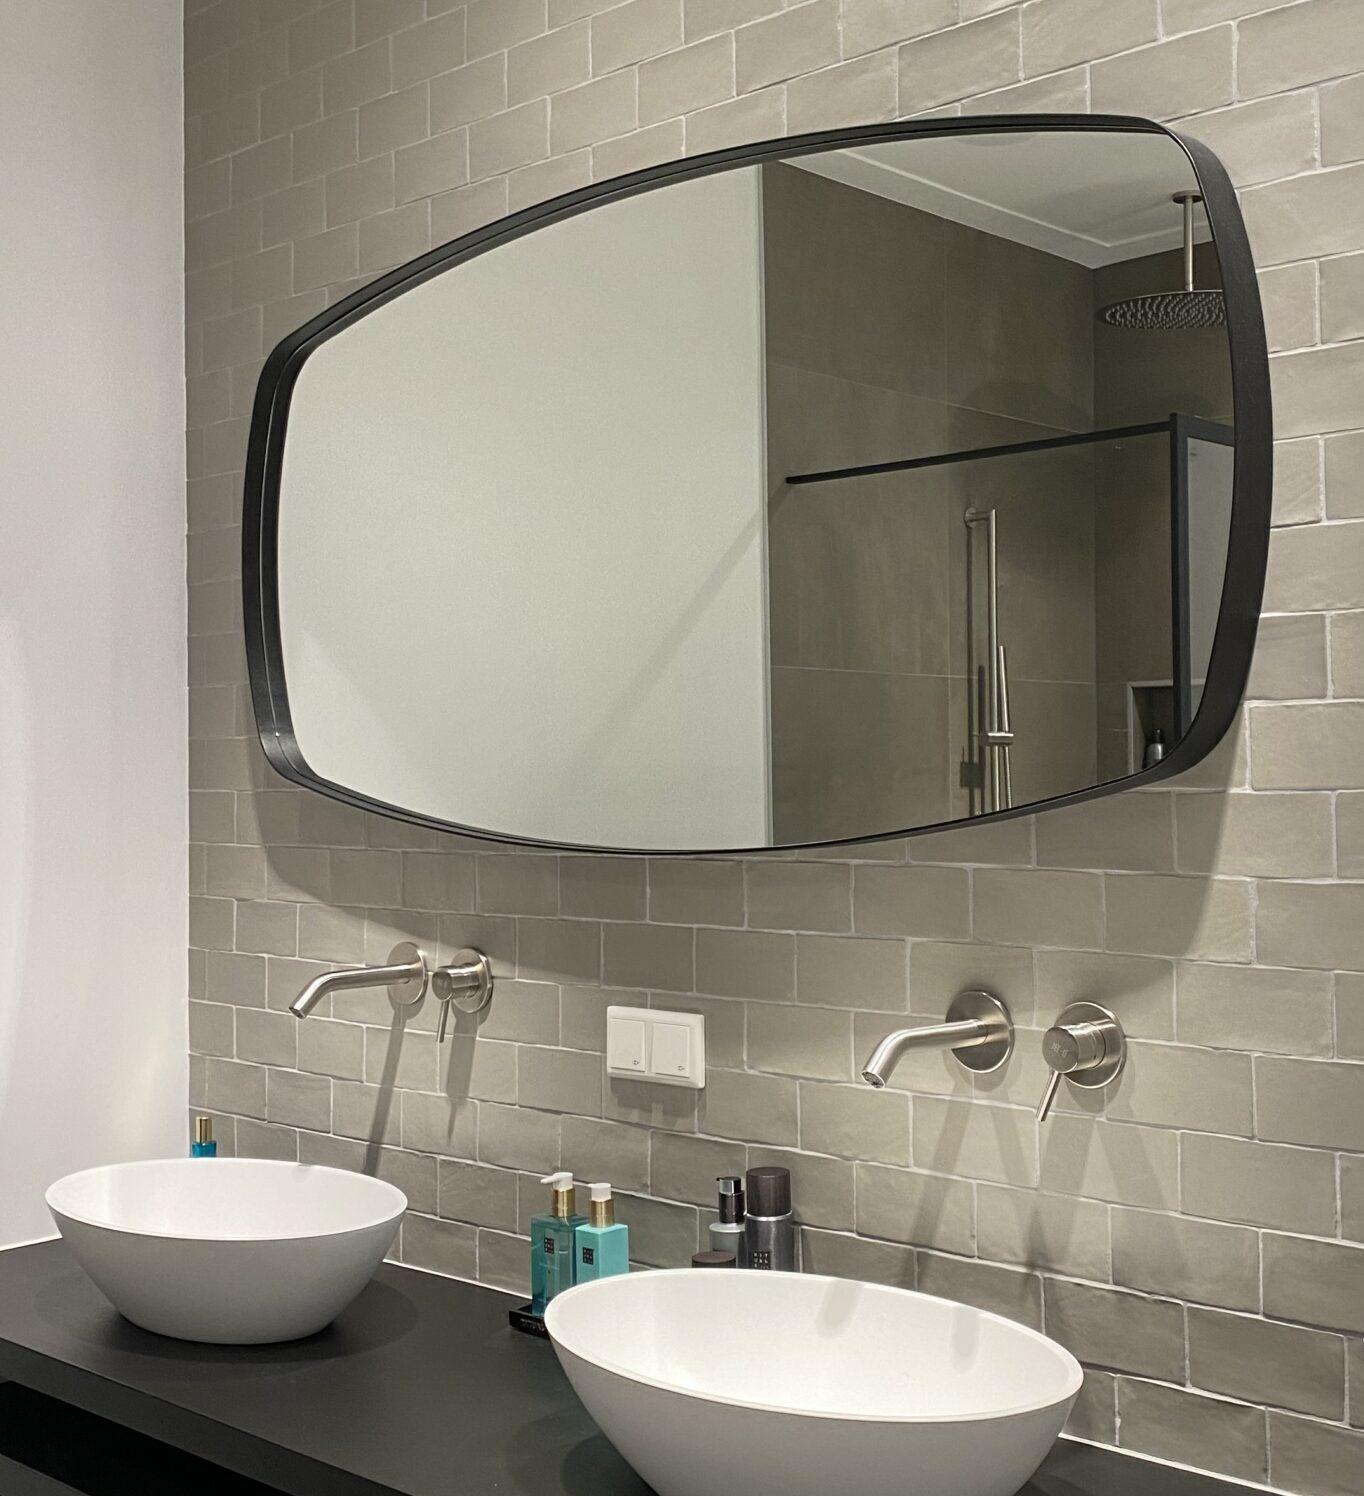 Badkamerspiegel met bijzondere vorm